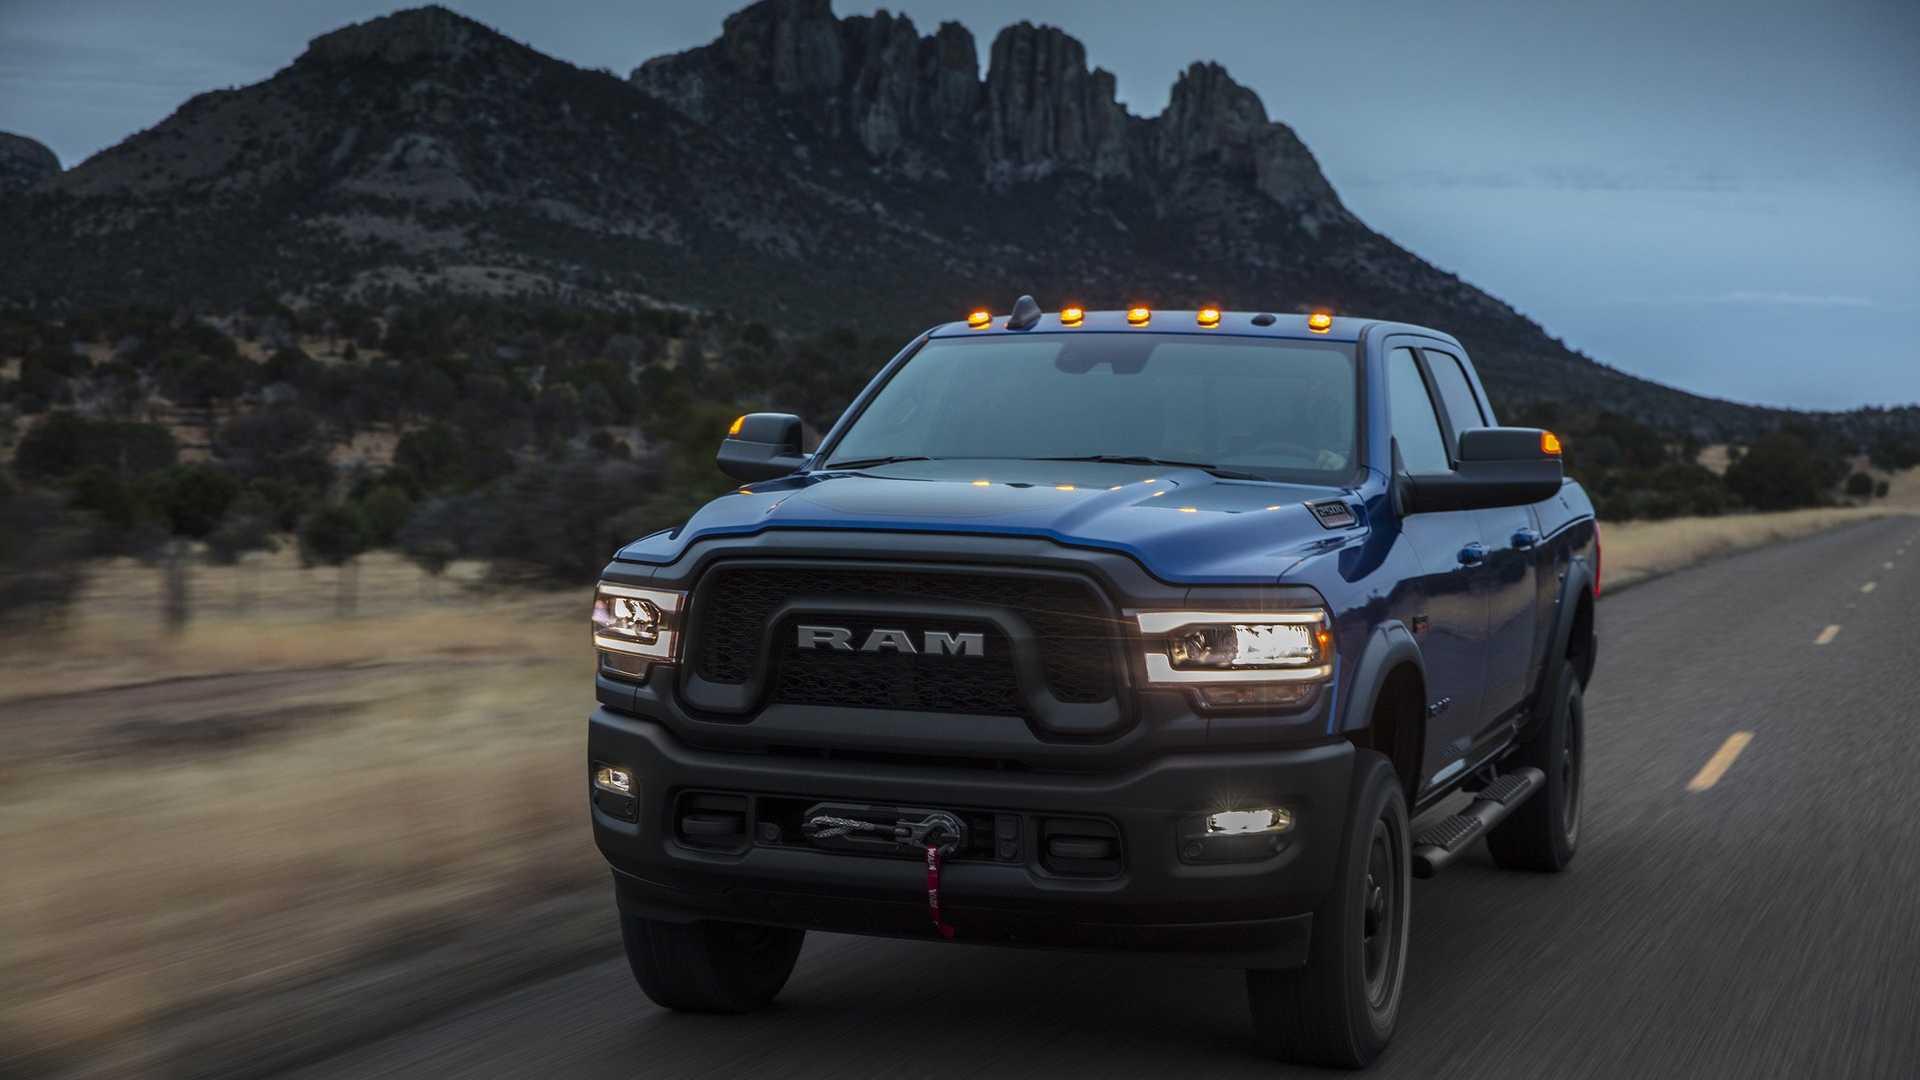 2019-ram-heavy-duty-exterior (71)